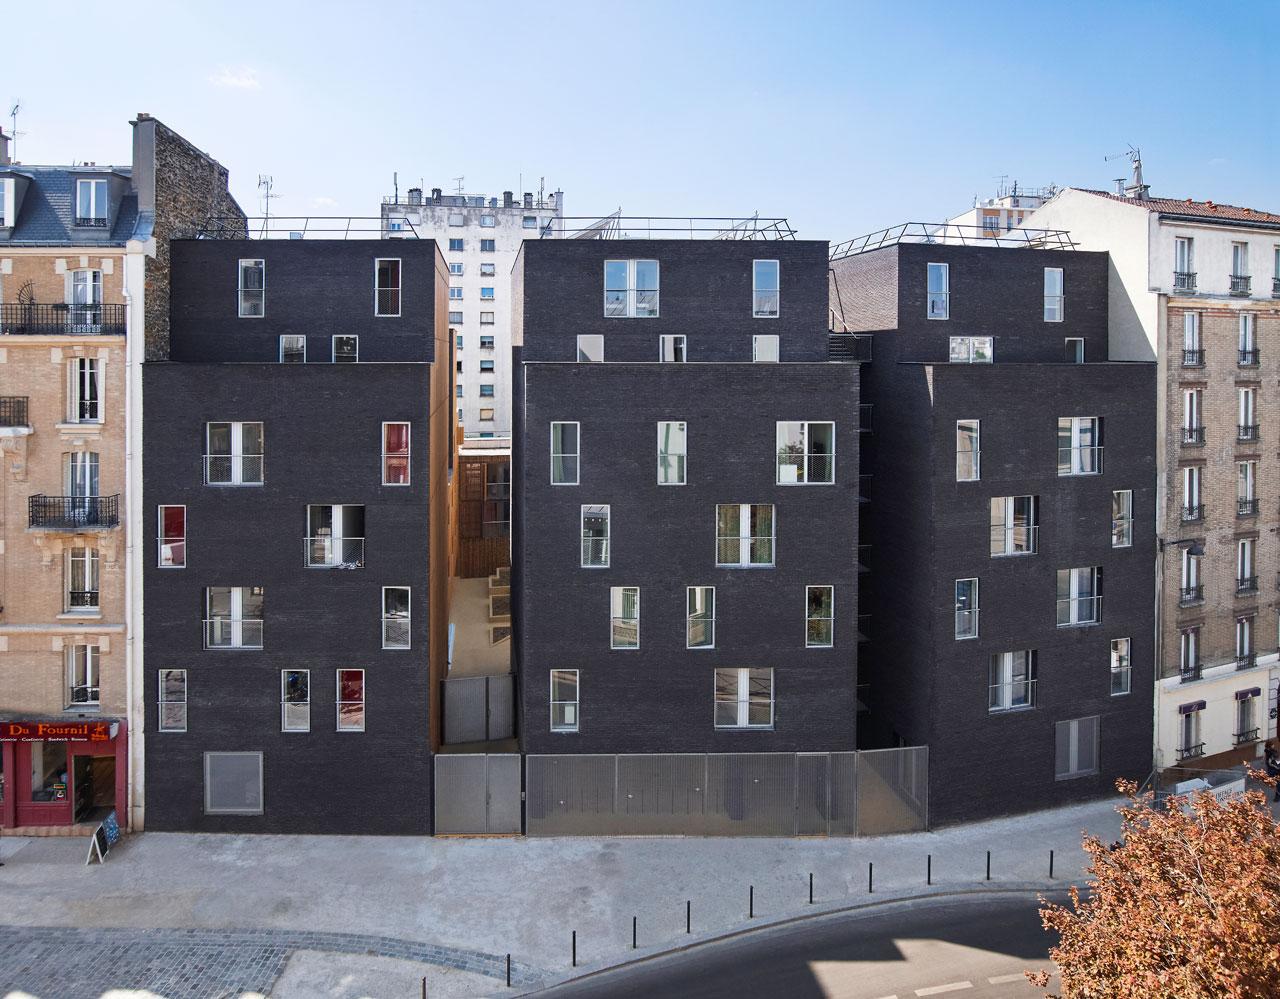 Residencial estudantil em Paris / LAN Architecture, Cortesia de LAN Architecture